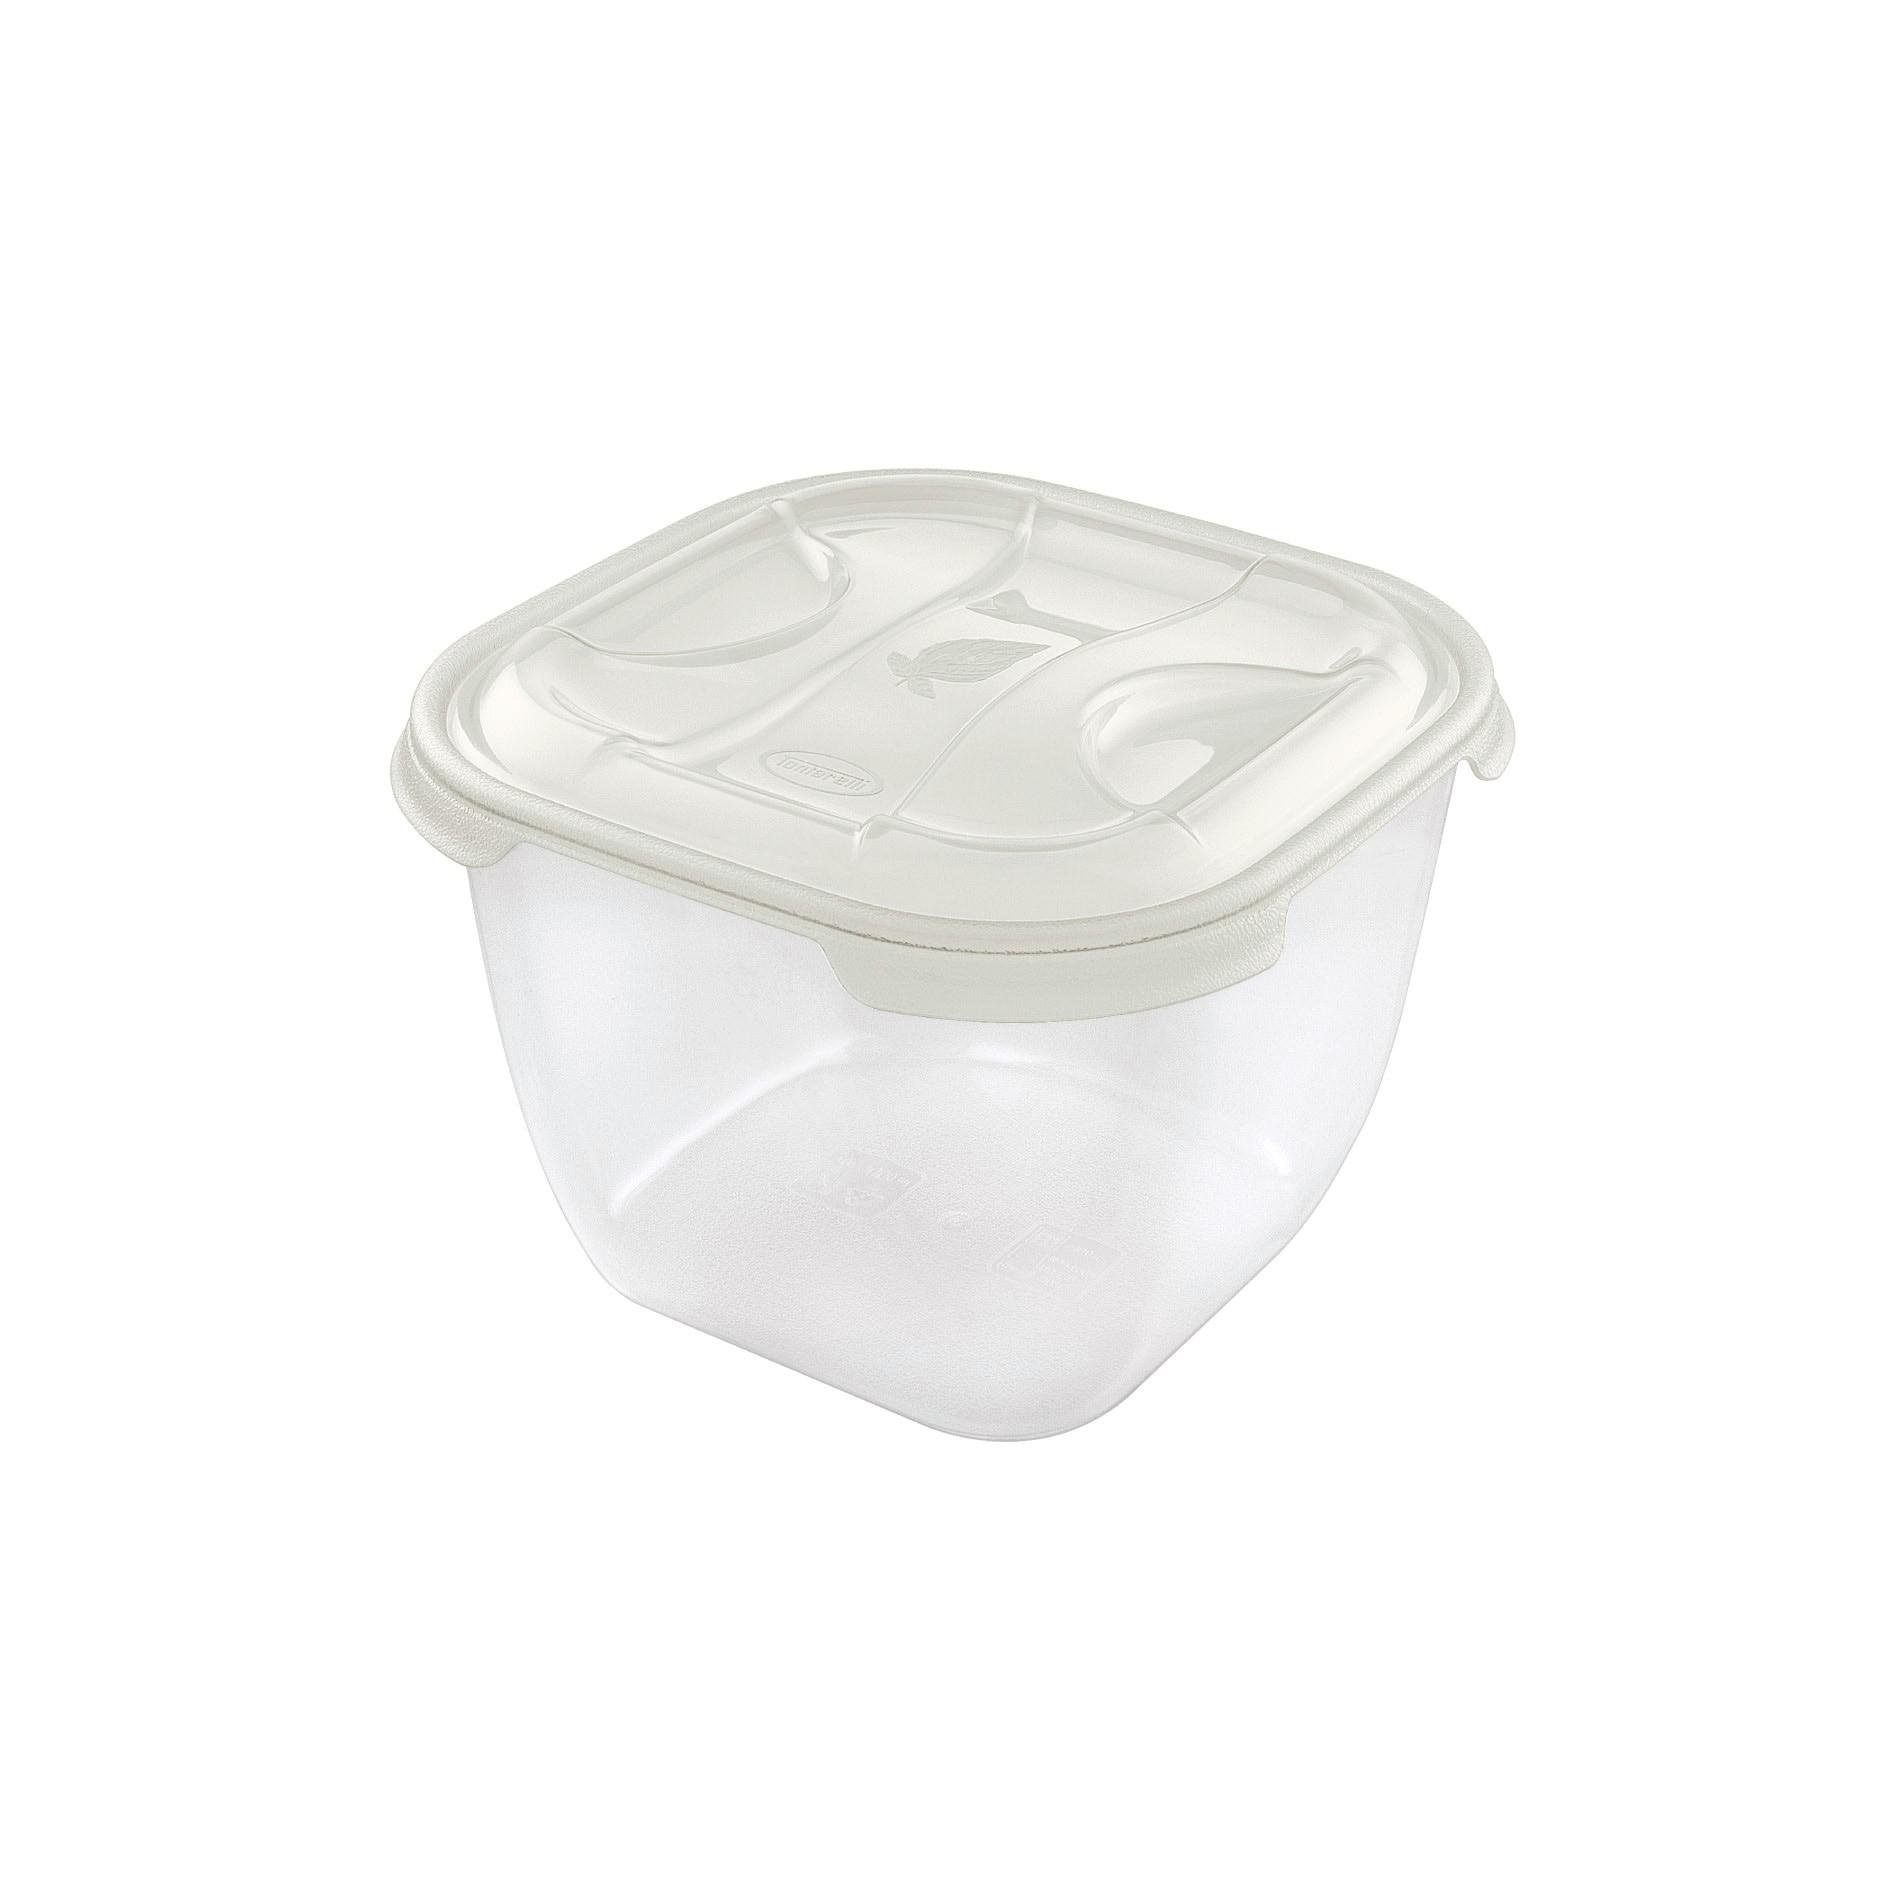 Δοχείο τροφίμων microwave Tontarelli Nuvola Square 3000ml